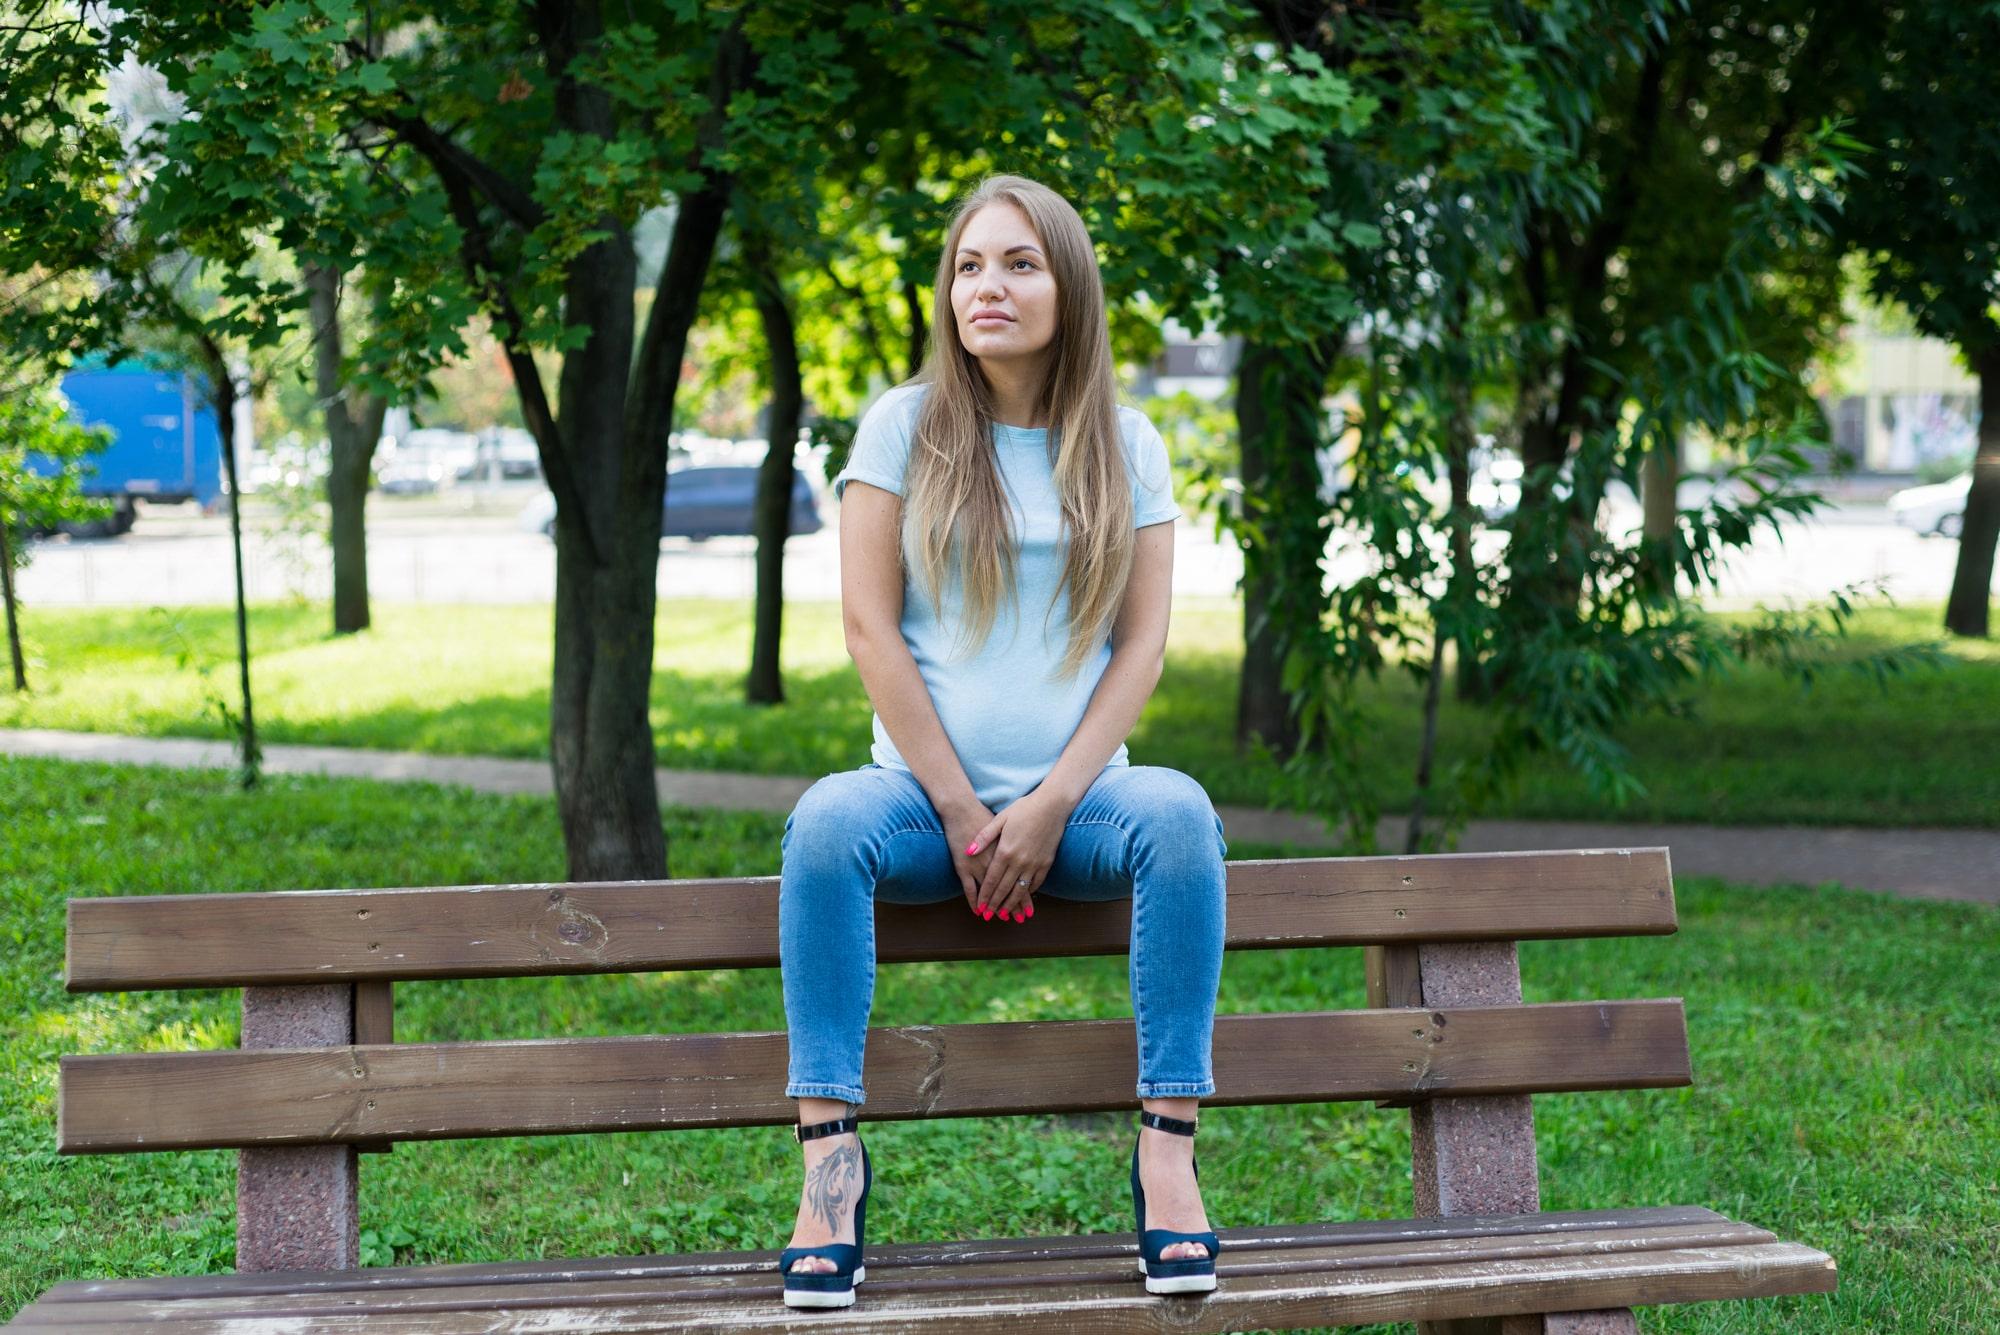 Фотосессия для беременных в Киеве - прогулка в парке